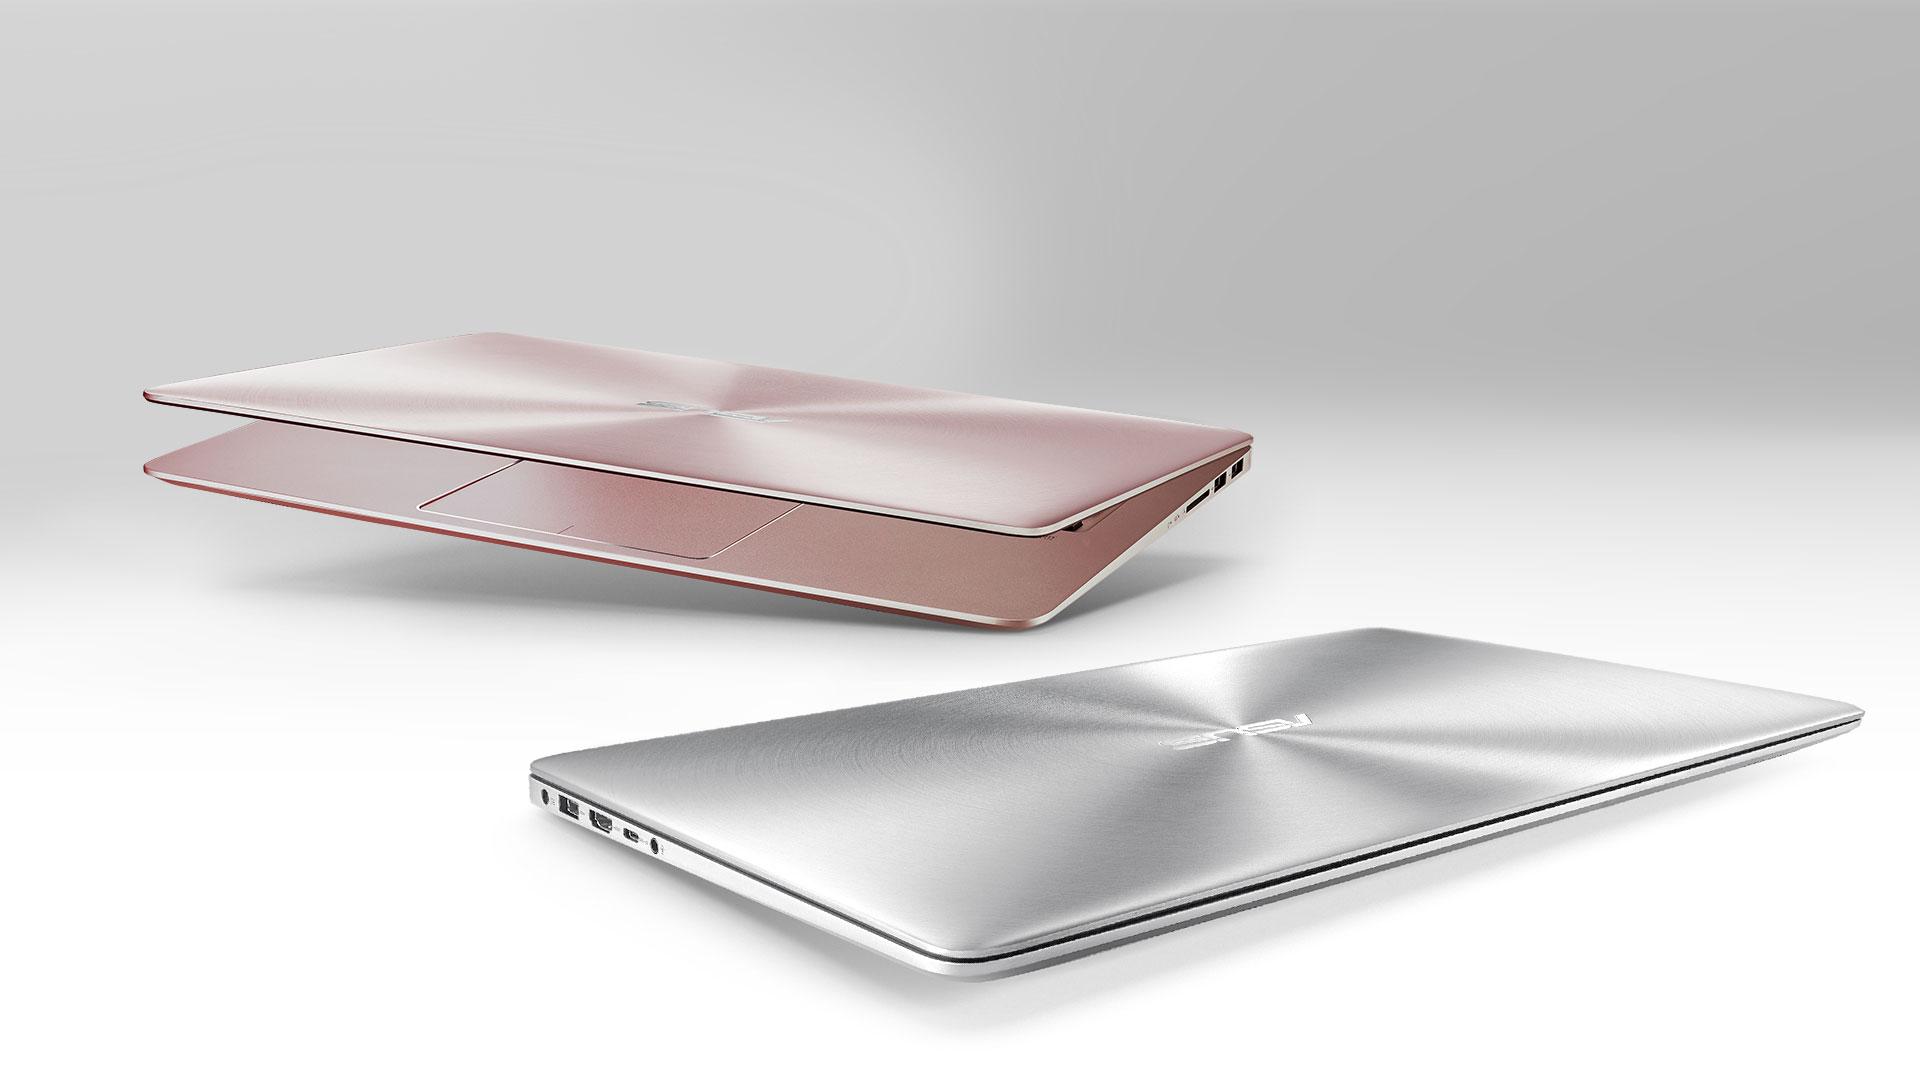 ASUS ZenBook UX410 - Laptop Tipis Idaman Untuk Rekan Kerja